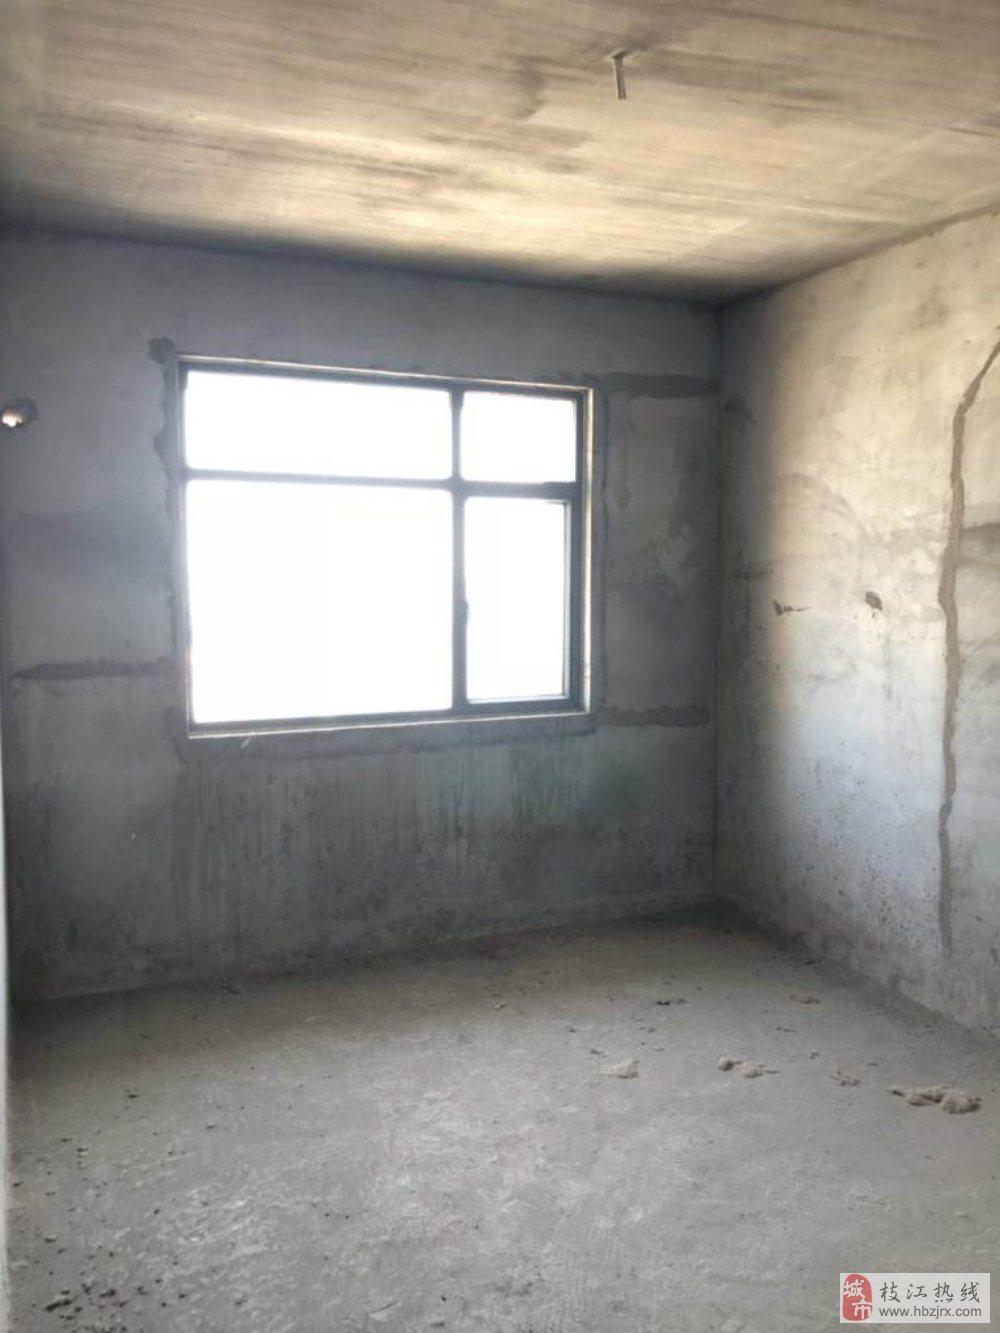 奥美花园3室2厅1卫39.5万元毛坯